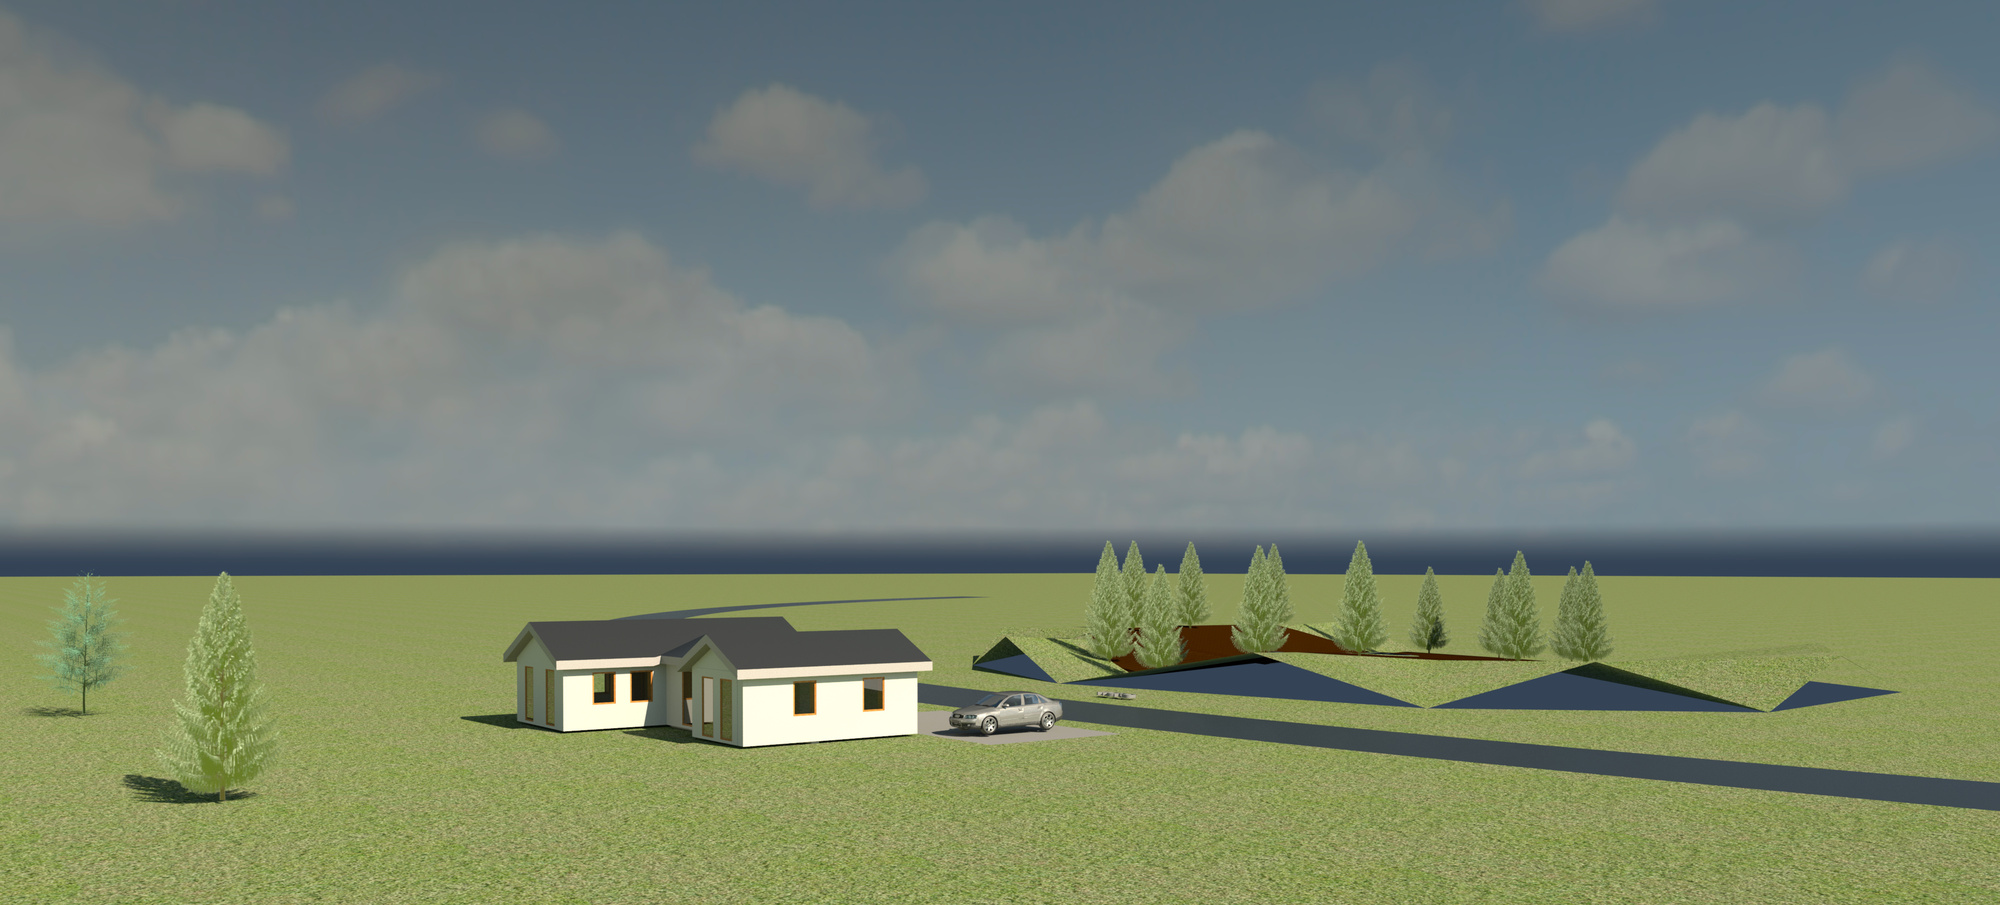 Raas-rendering20150317-23032-1fakehp